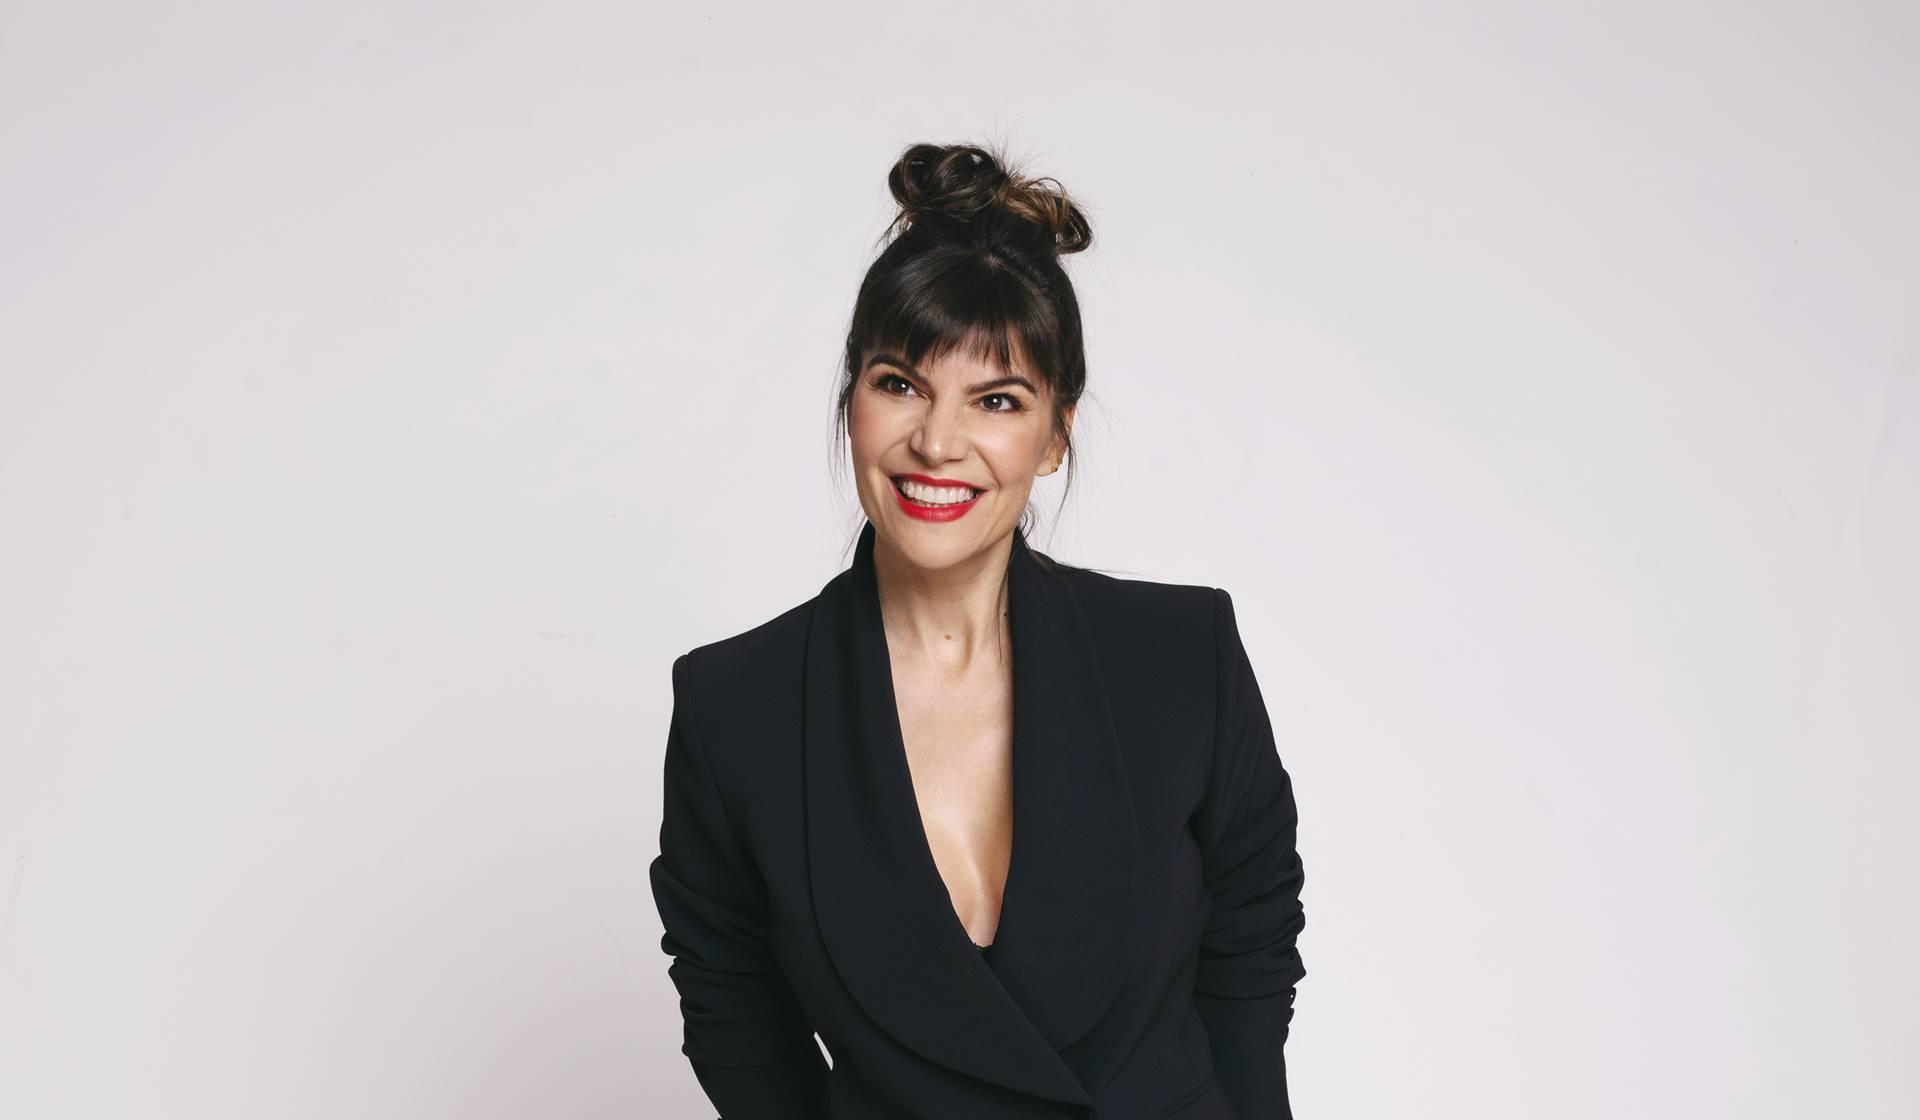 La actriz y productora Mónica Regueiro